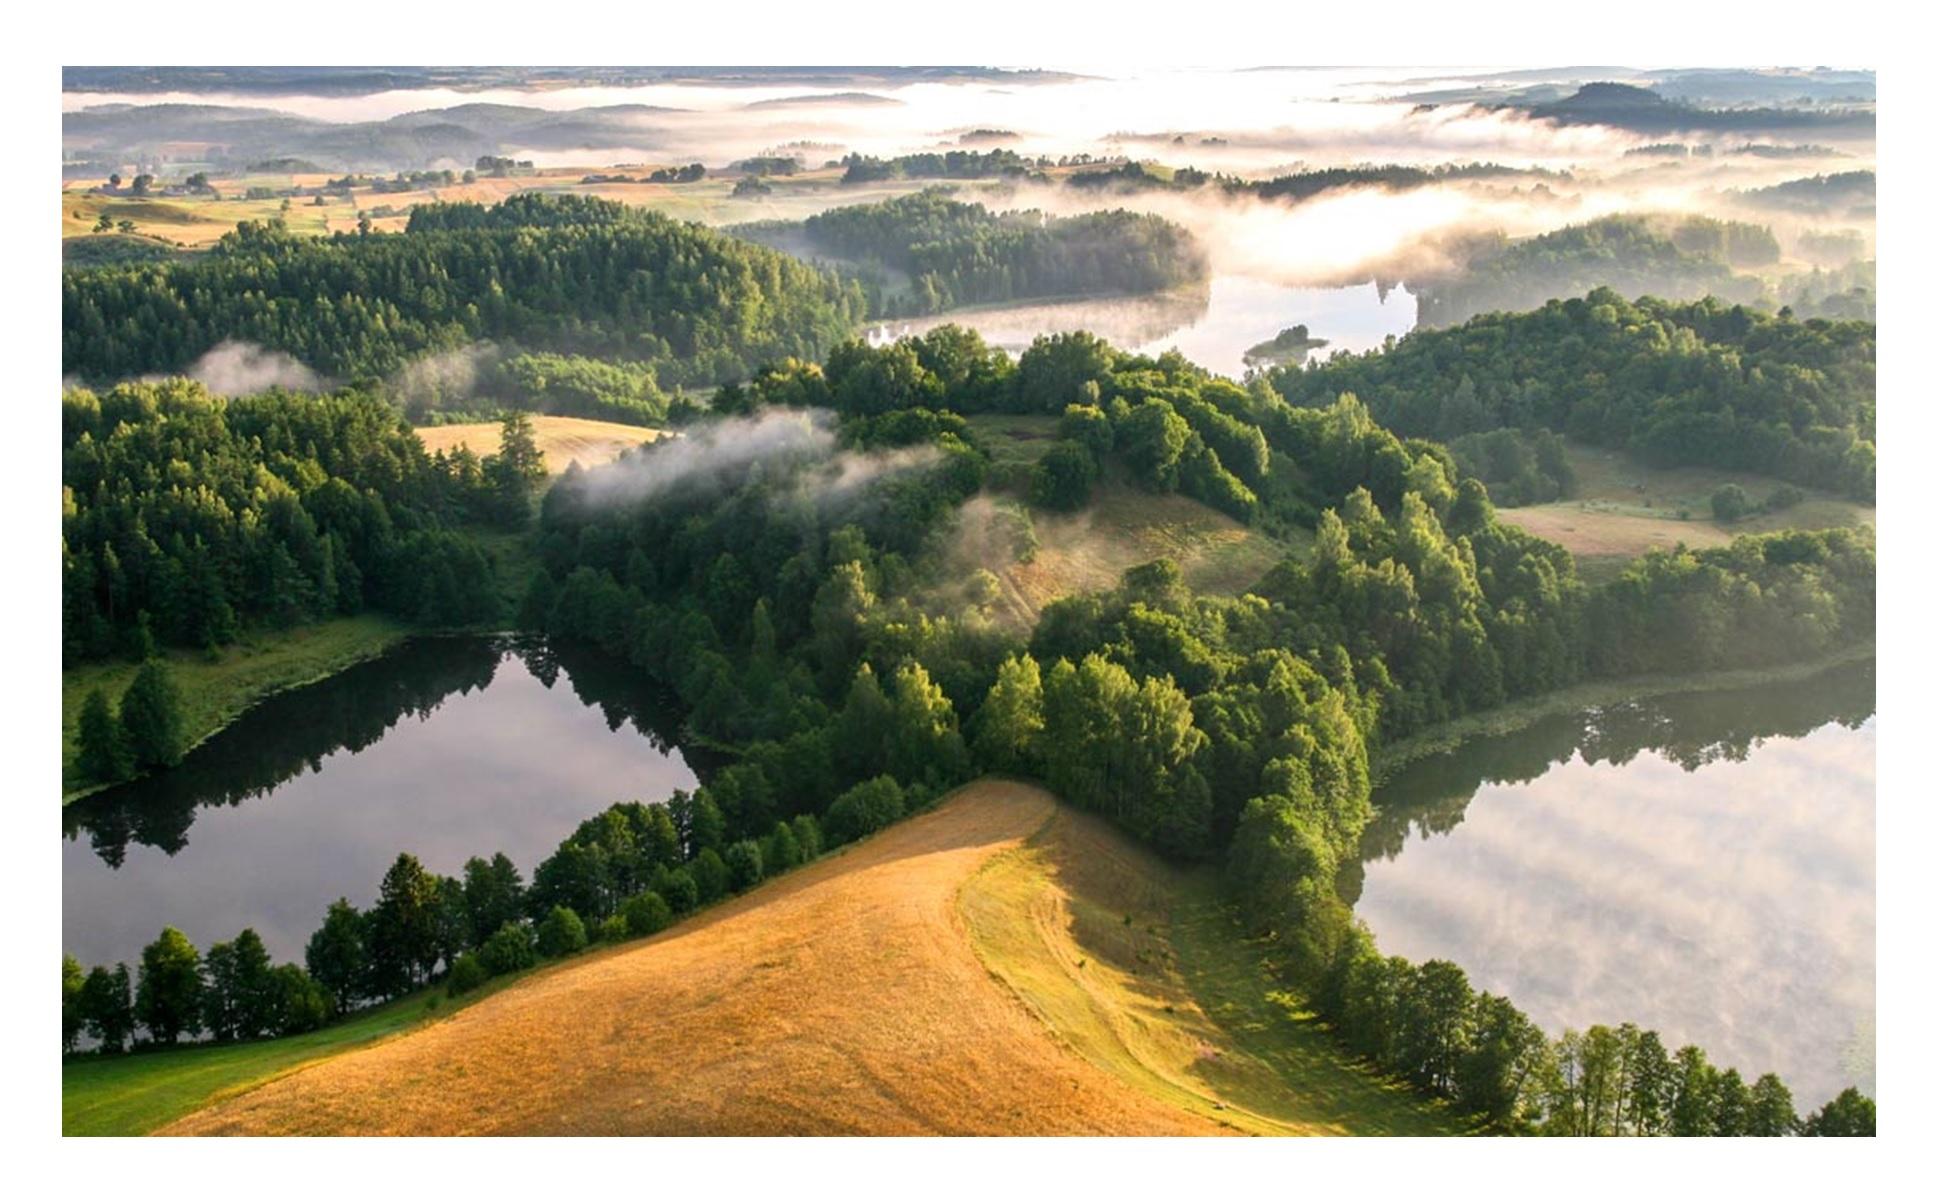 Šiurpilio piliakalnis apsuptas penkių ežerų. Juodžio, Šiurpilio, Eglyno, Eglynėlio ir Kopane ežerai